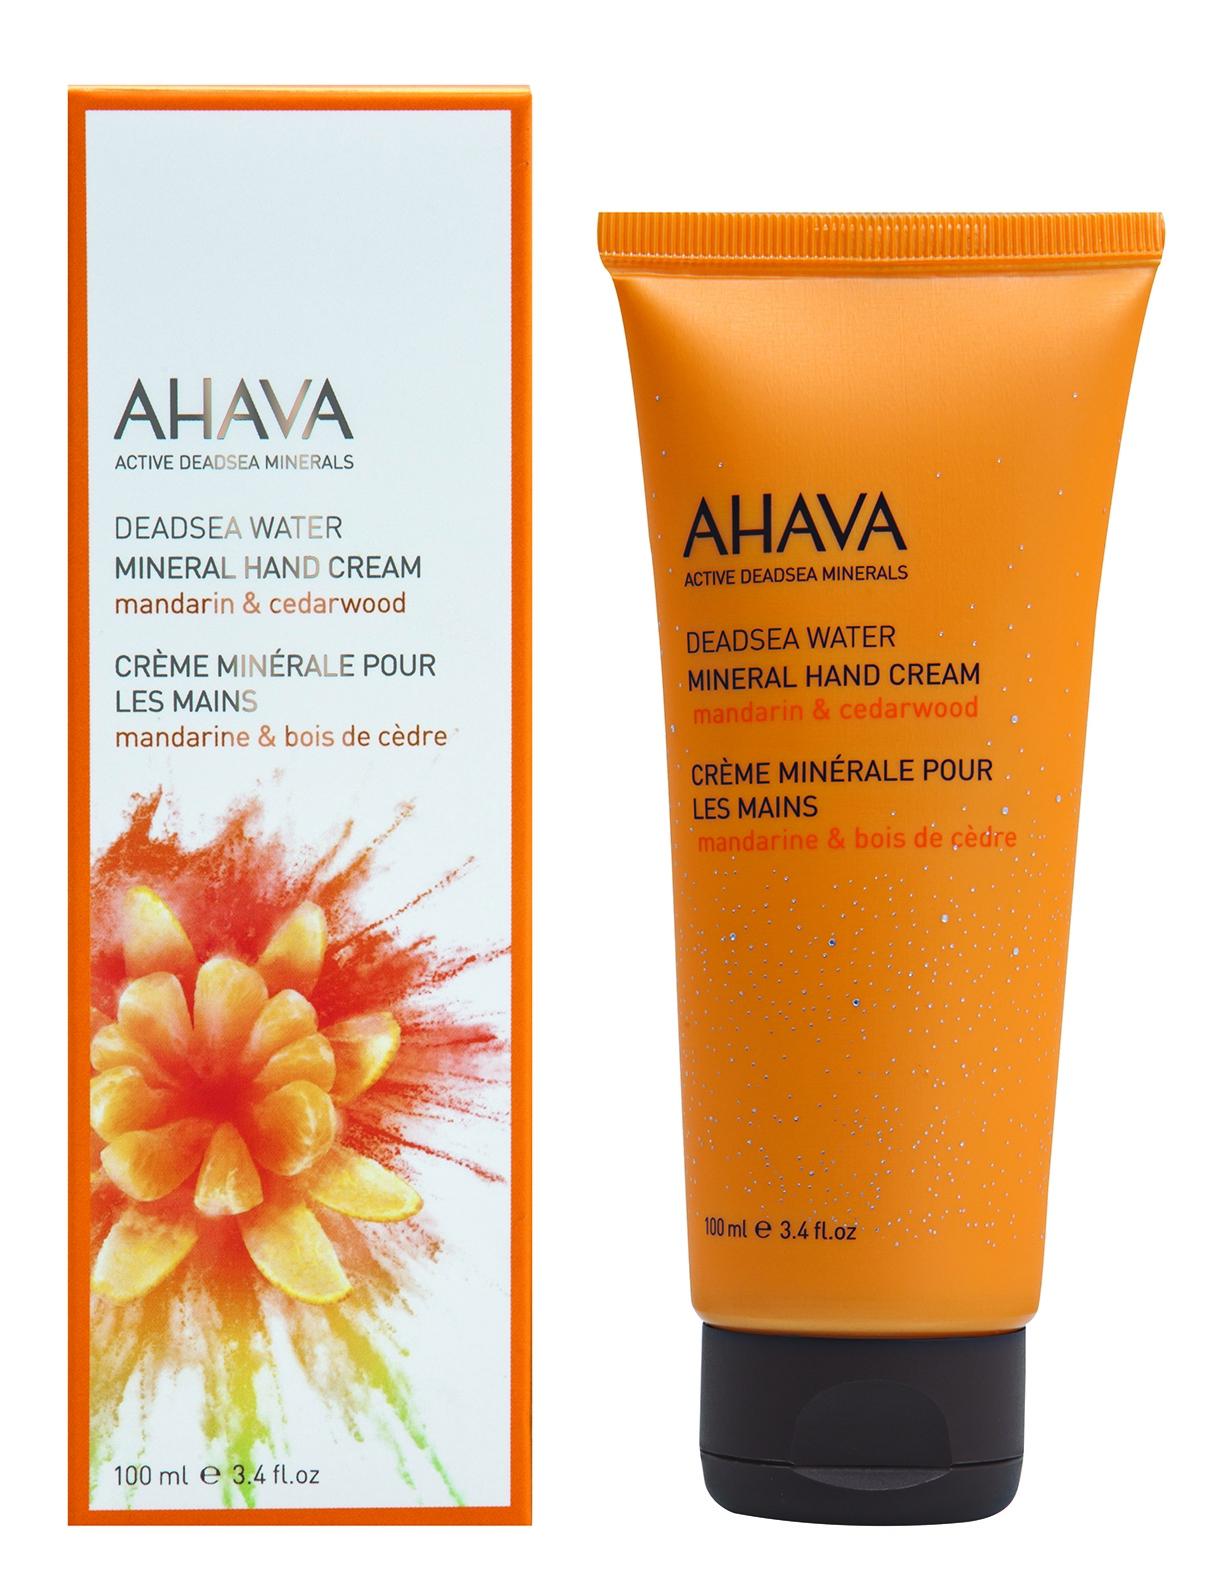 AHAVA Крем минеральный для рук, мандарин и кедр / Deadsea Water 100 мл фото